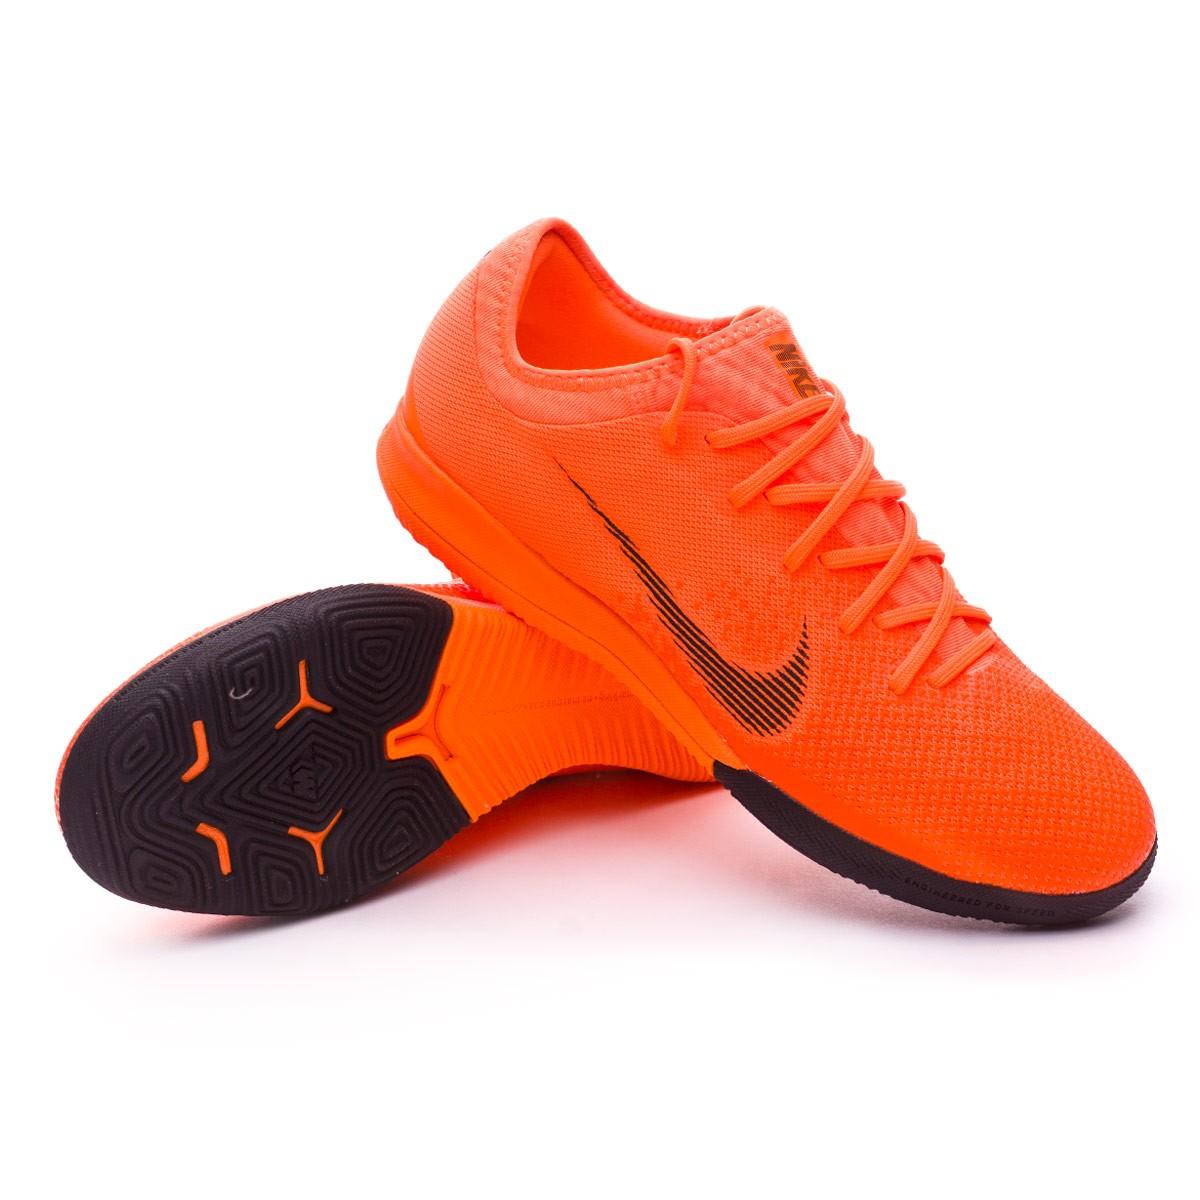 e56f94f0b Futsal Boot Nike Mercurial VaporX XII Pro IC Total orange-Black-Volt ...